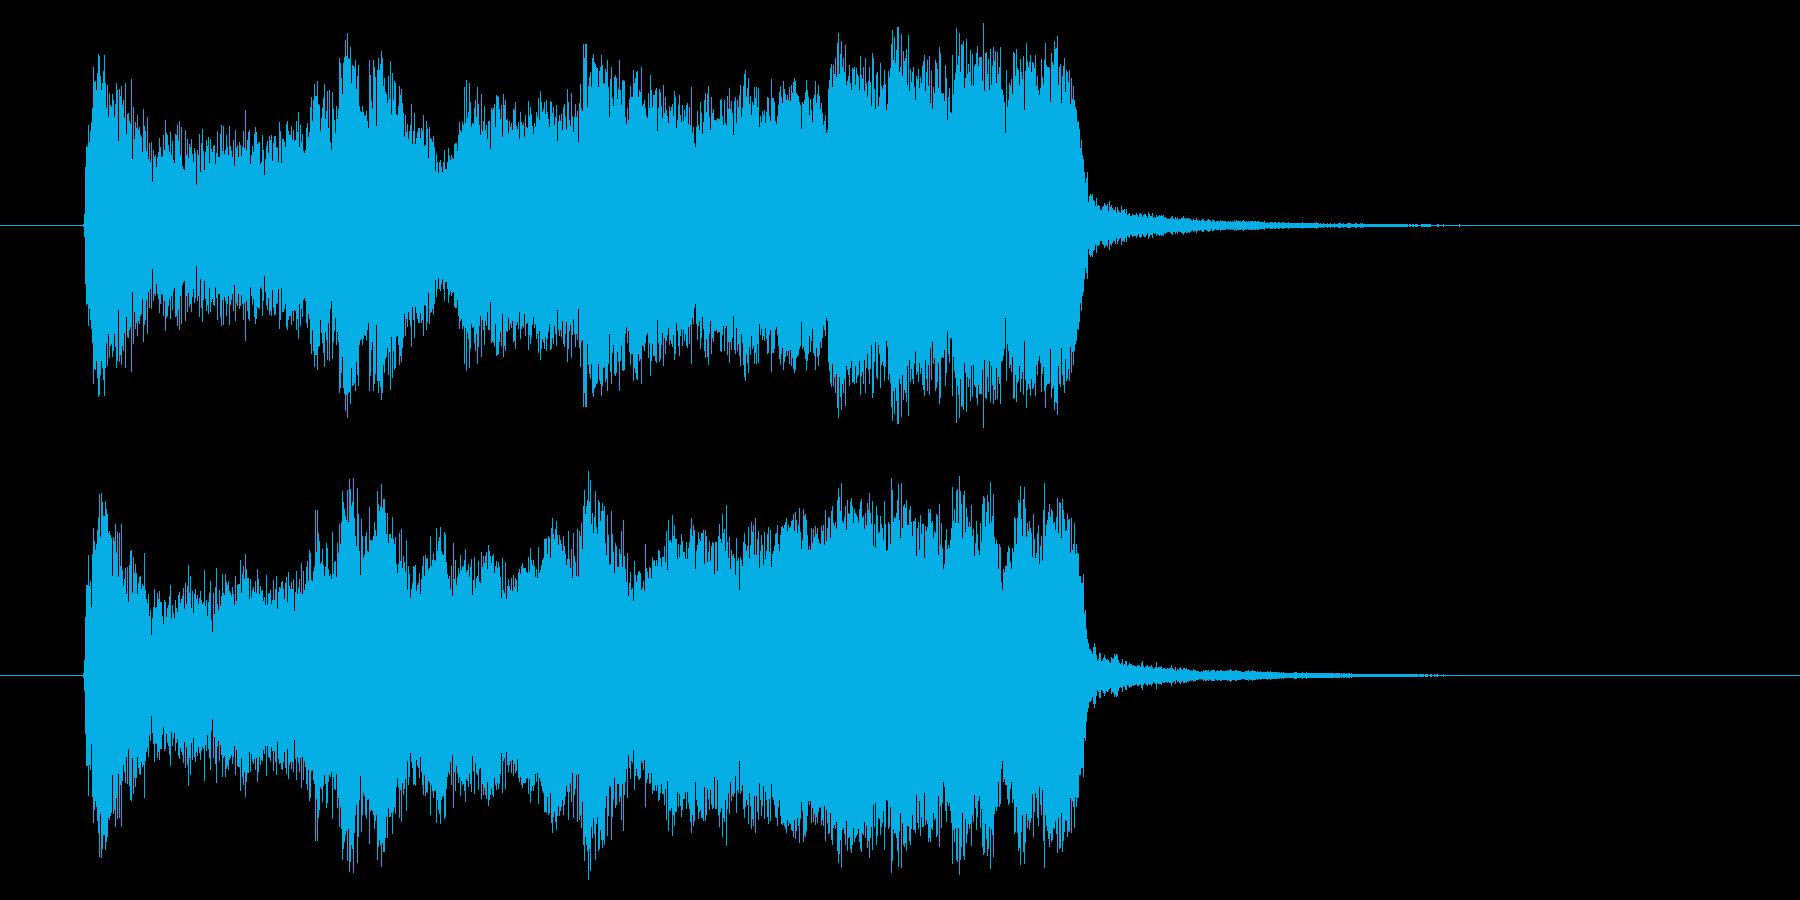 勢いと楽しげなギターサウンド(短め)の再生済みの波形